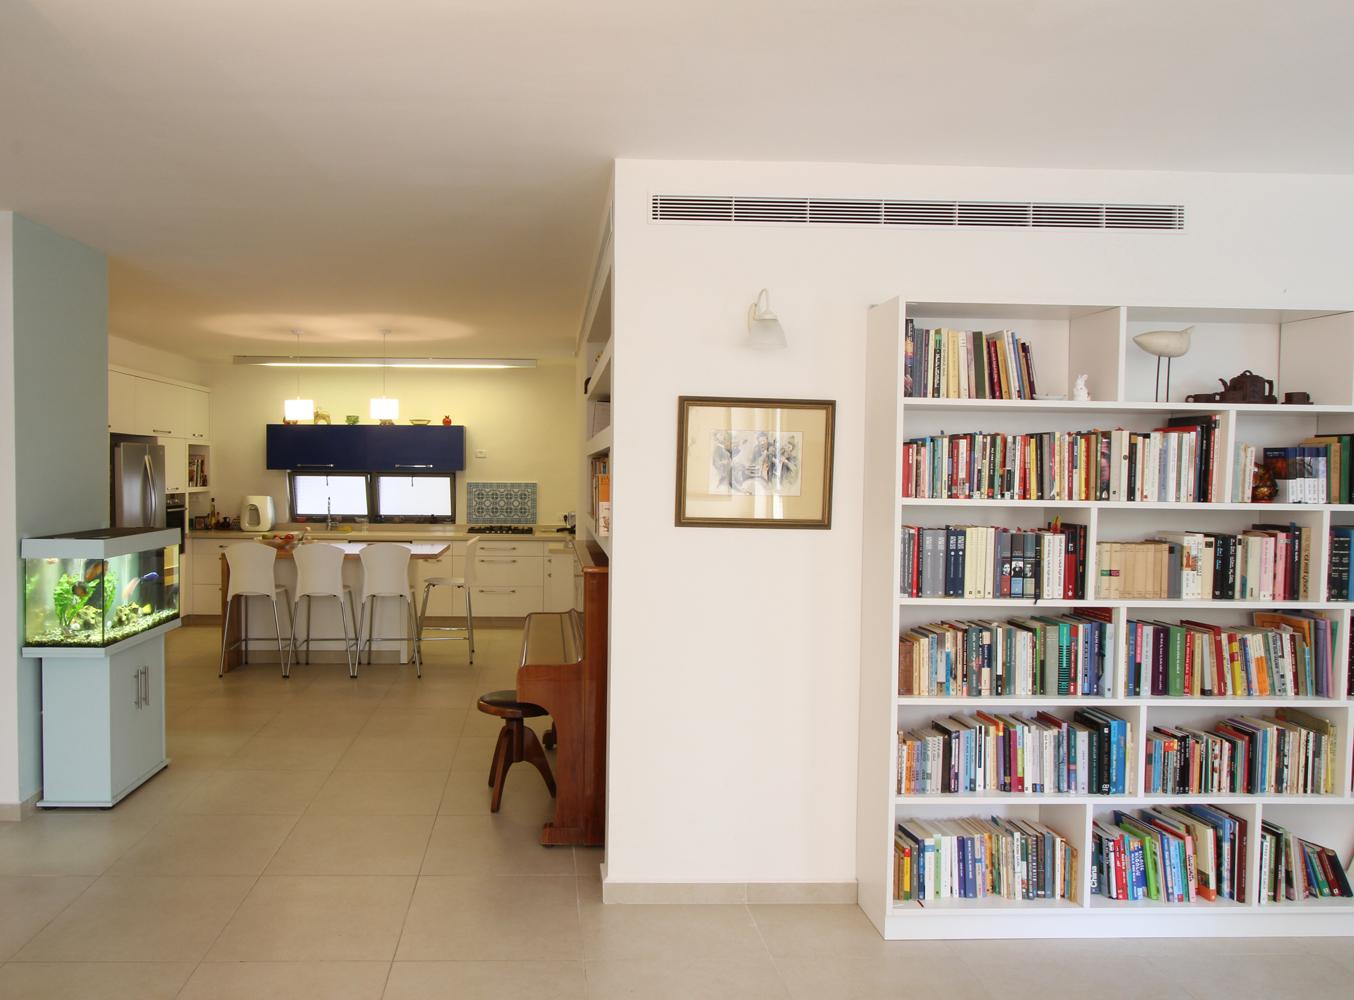 רהיטים קיימים של בעלי הבית השתלבו בעיצוב ביתם החדש